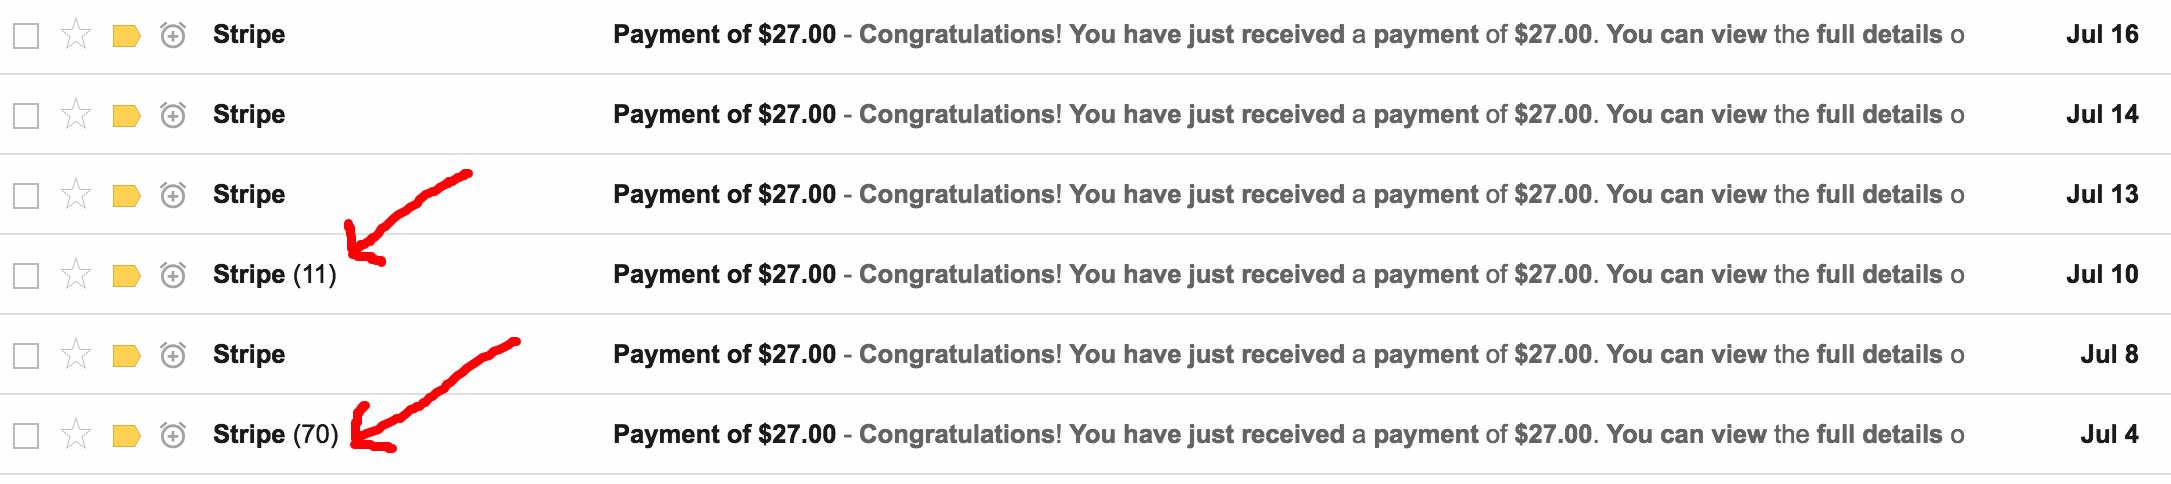 邮件营销:47页的无懈可击的策略,建立一个响应性强,高利润的邮件列表,基于您自己的需要。(Build A Super-Responsive Mailing List From Scratch)